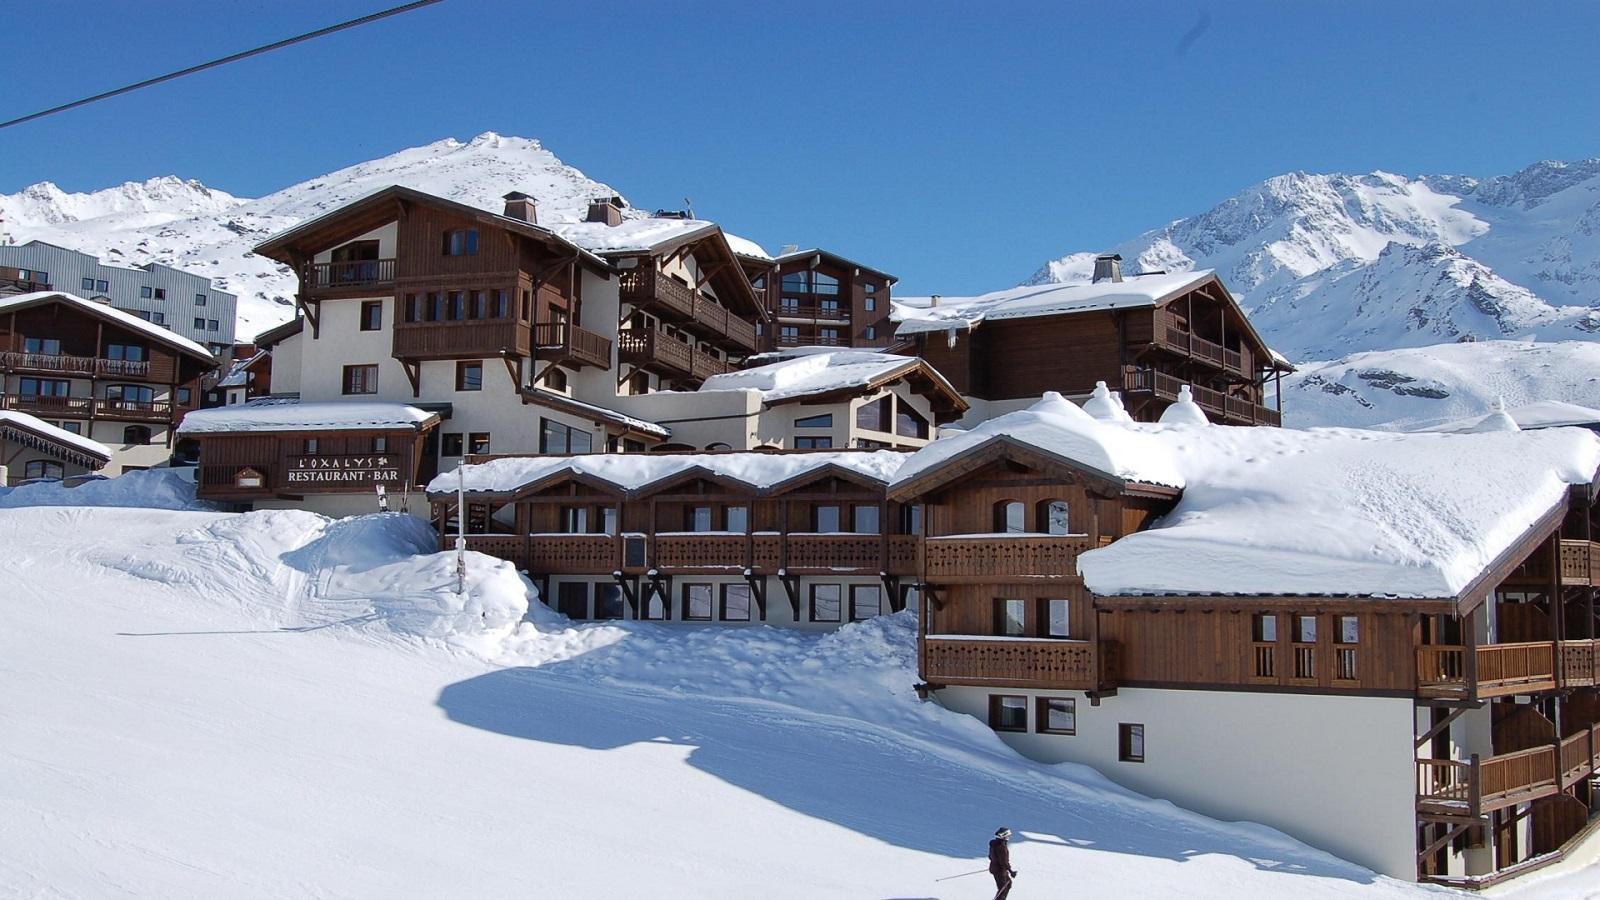 chalets-montagnettes-savoie-alpes-snow-ski-seminires-de-caractere-11